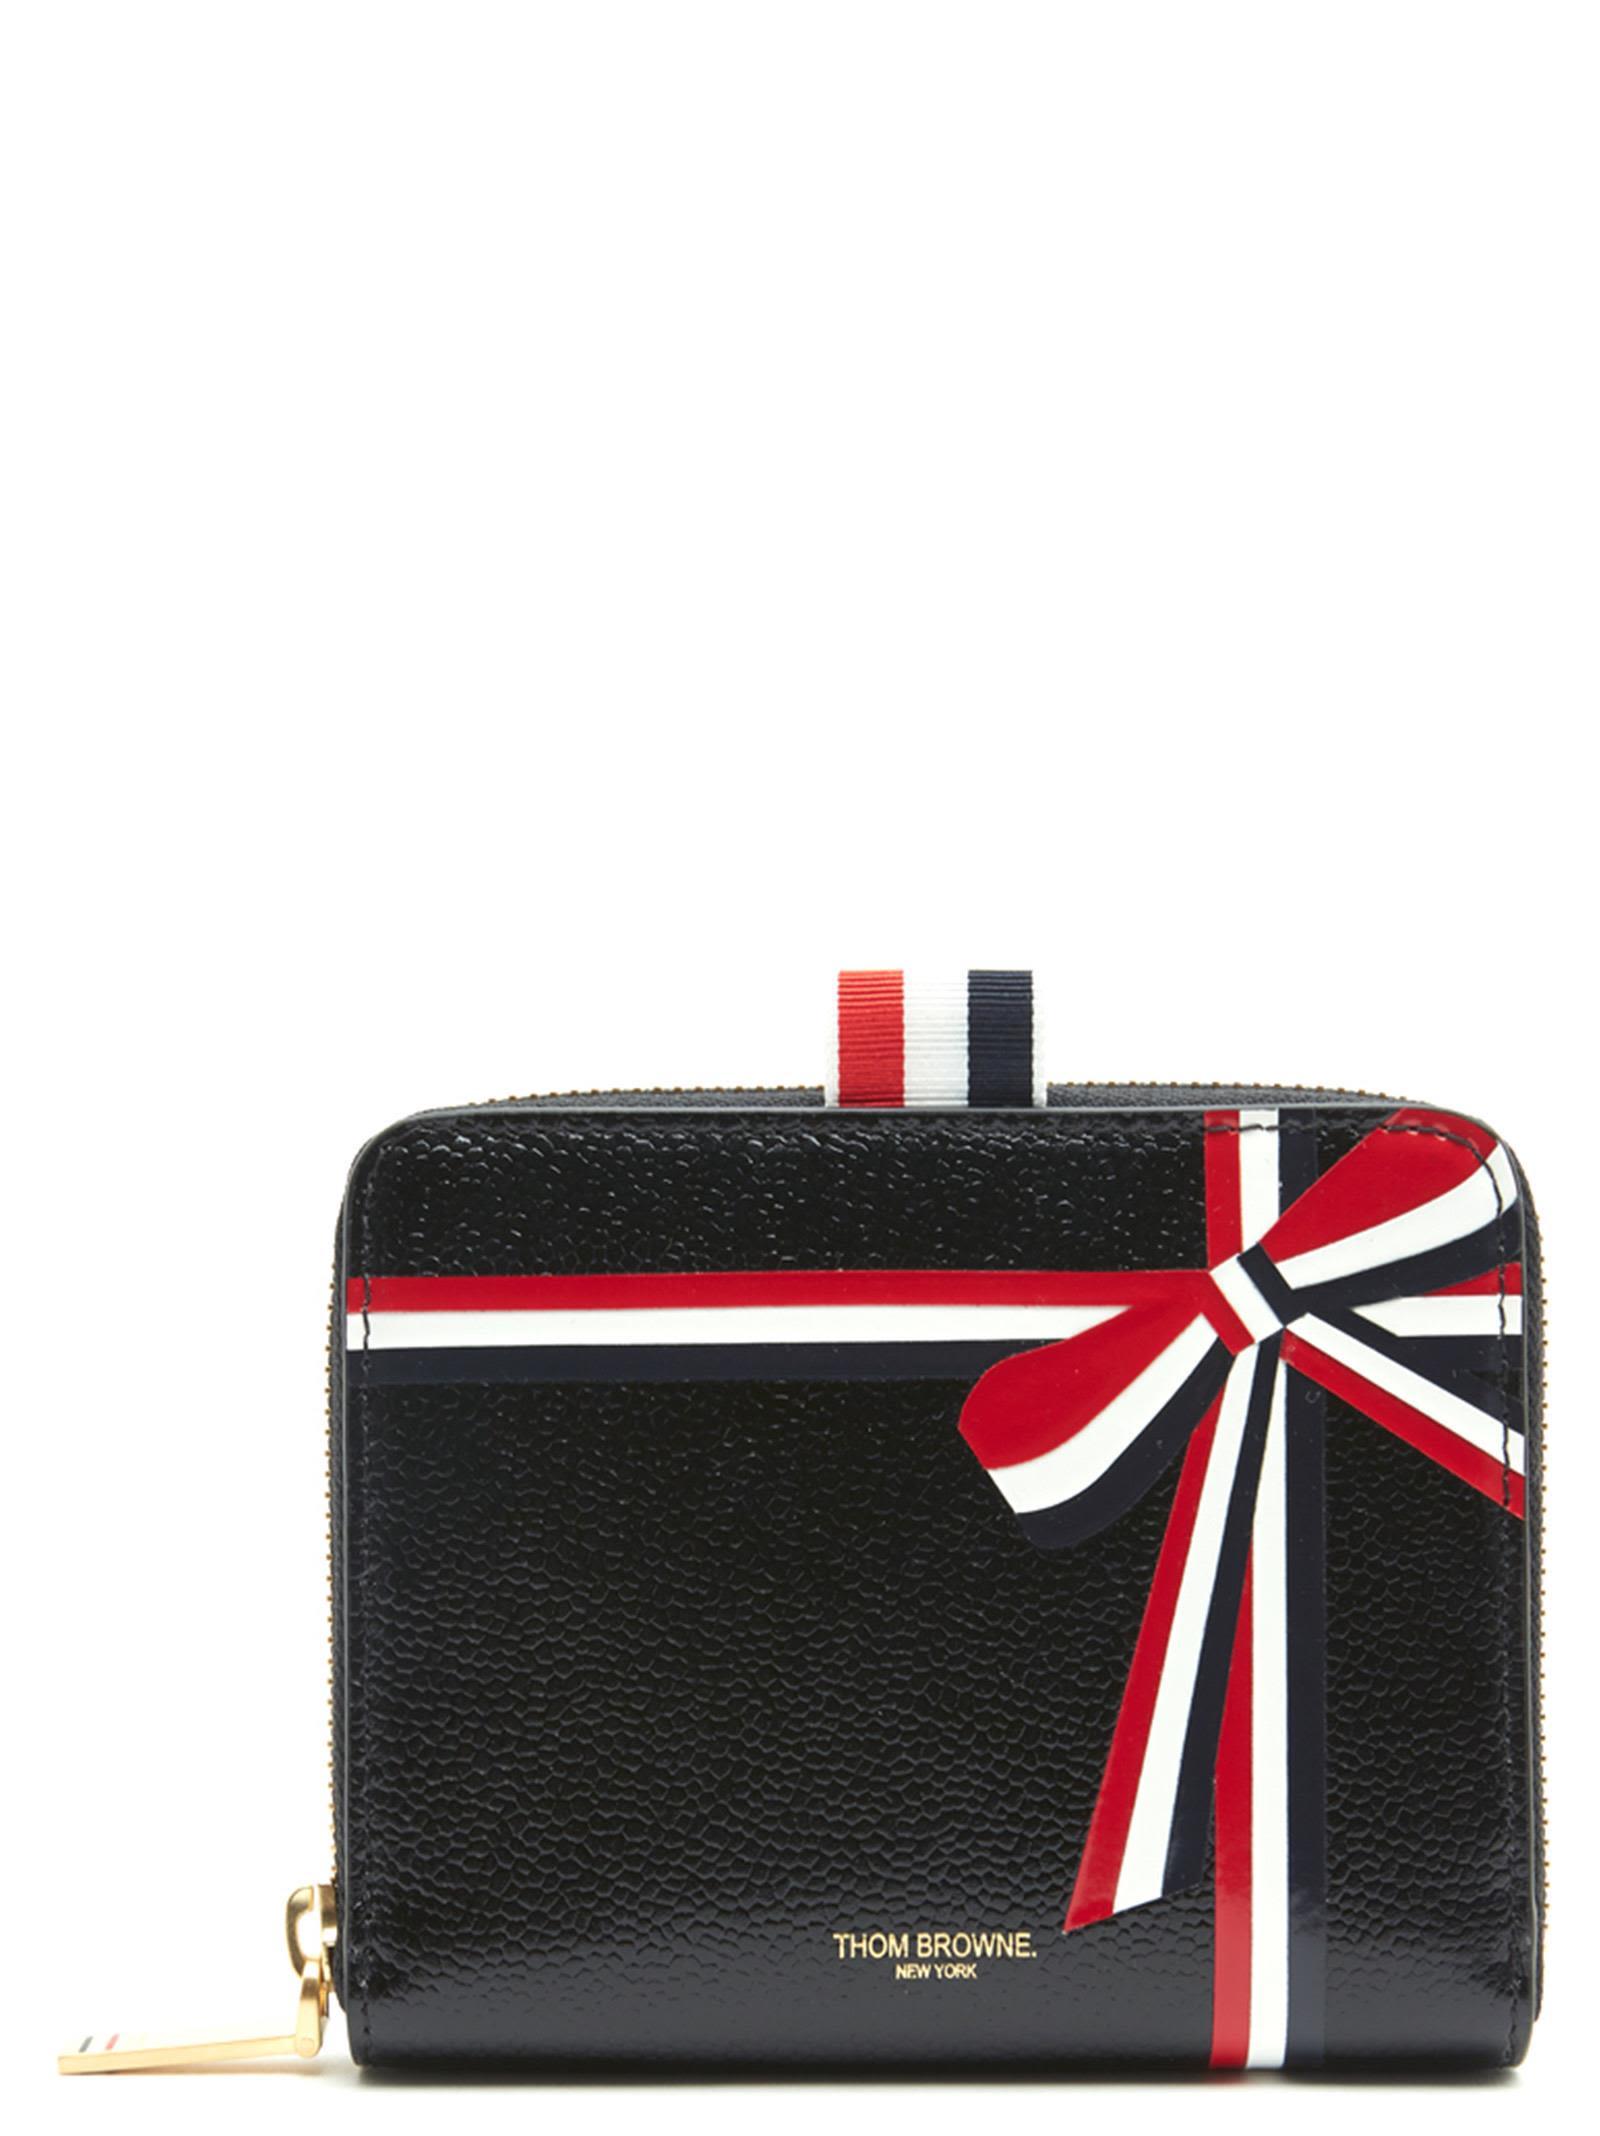 Thom Browne Thom Browne Wallet